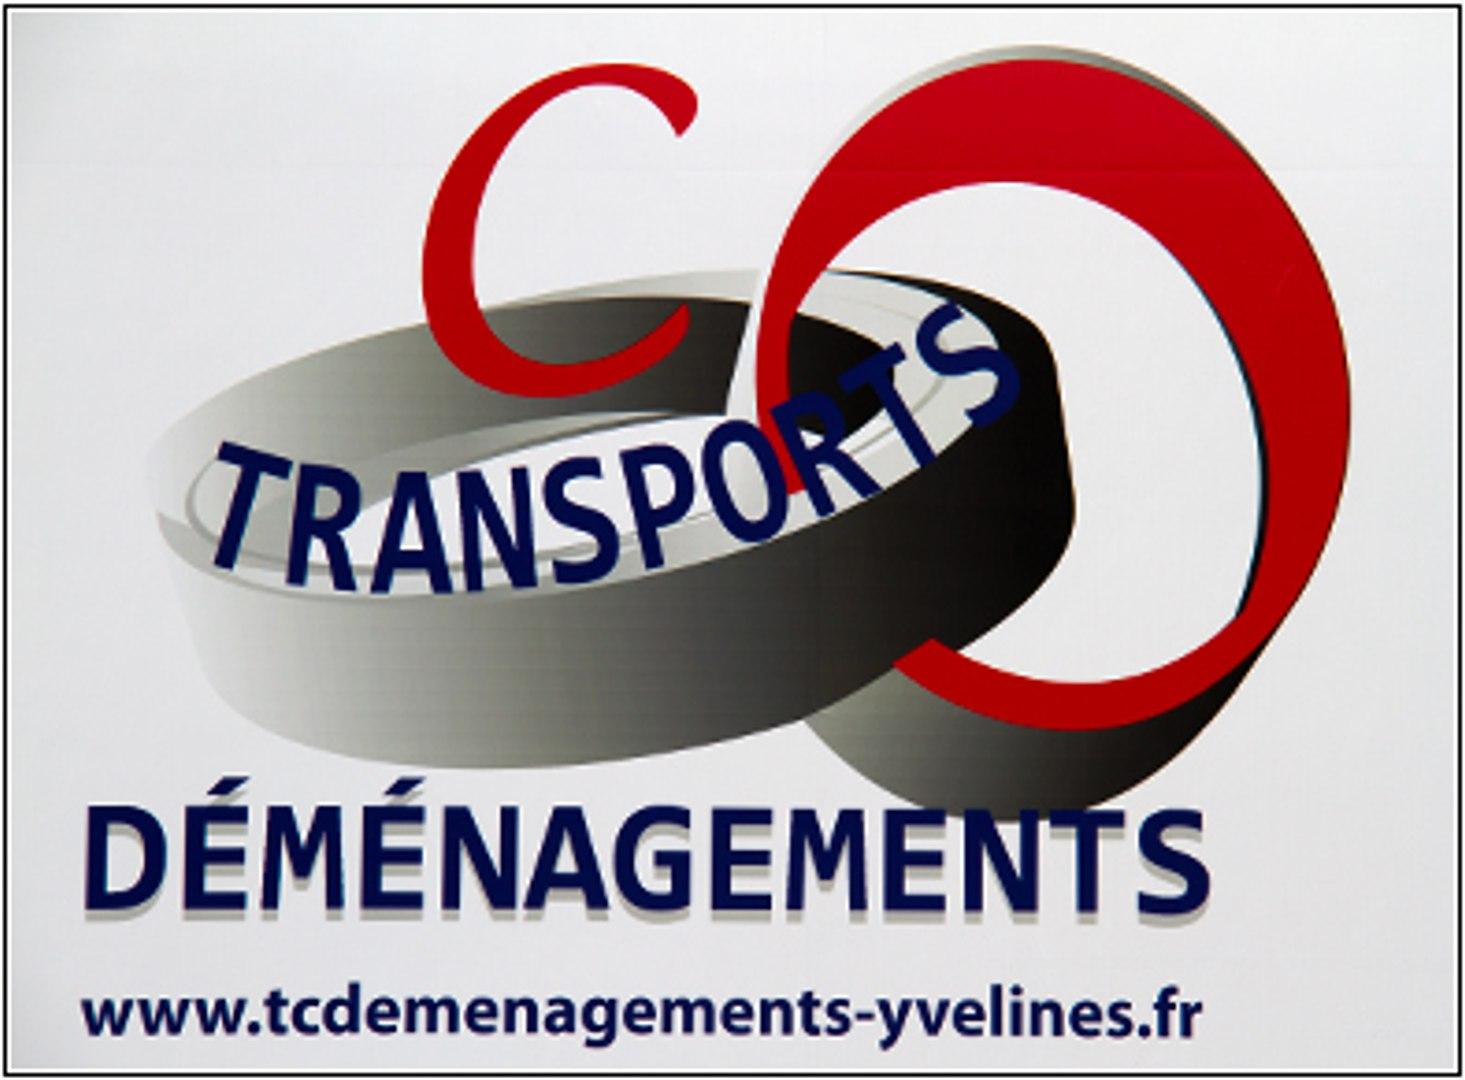 Entreprises Basées À Rueil Malmaison notre entreprise, transports co déménagements, située à  saint-germain-en-laye